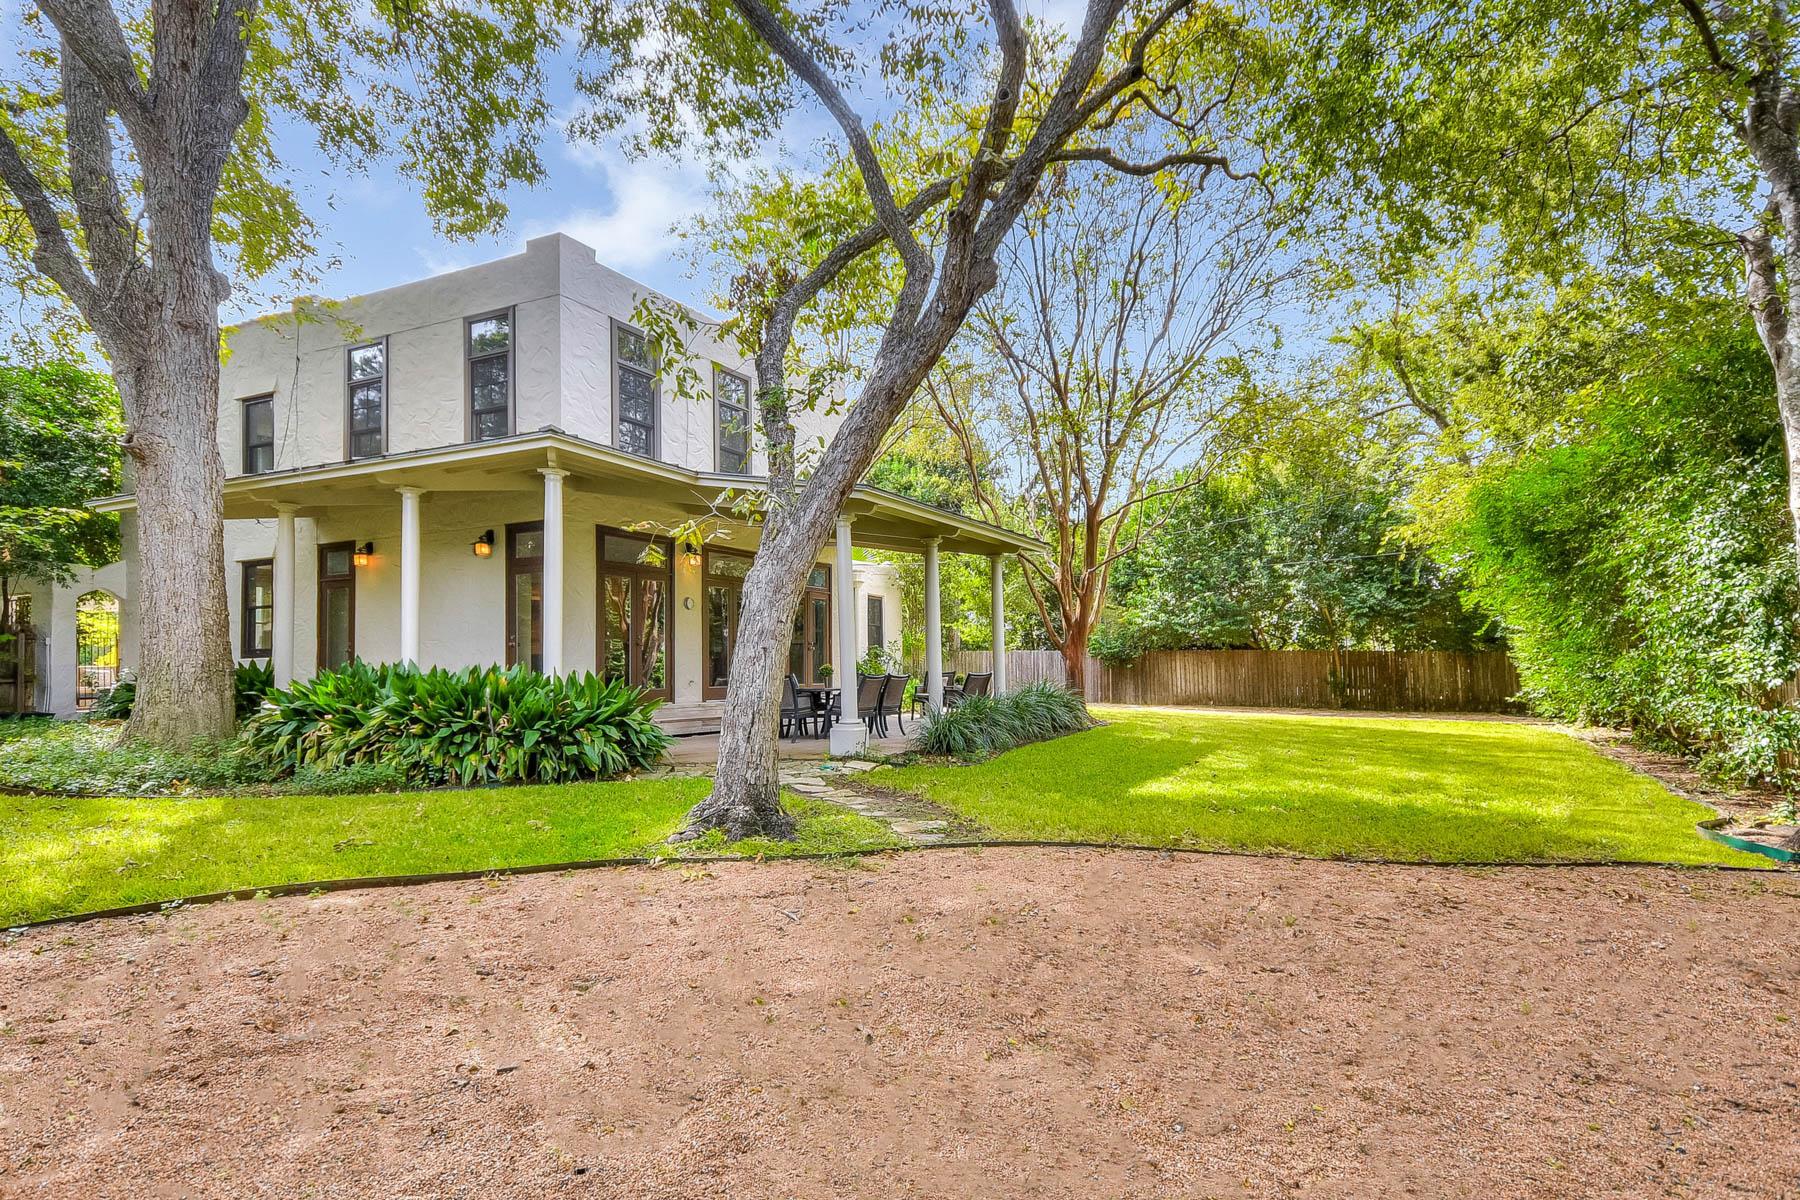 Maison unifamiliale pour l Vente à Charming Light-Filled Family Home 141 Cloverleaf Ave Alamo Heights, San Antonio, Texas, 78209 États-Unis